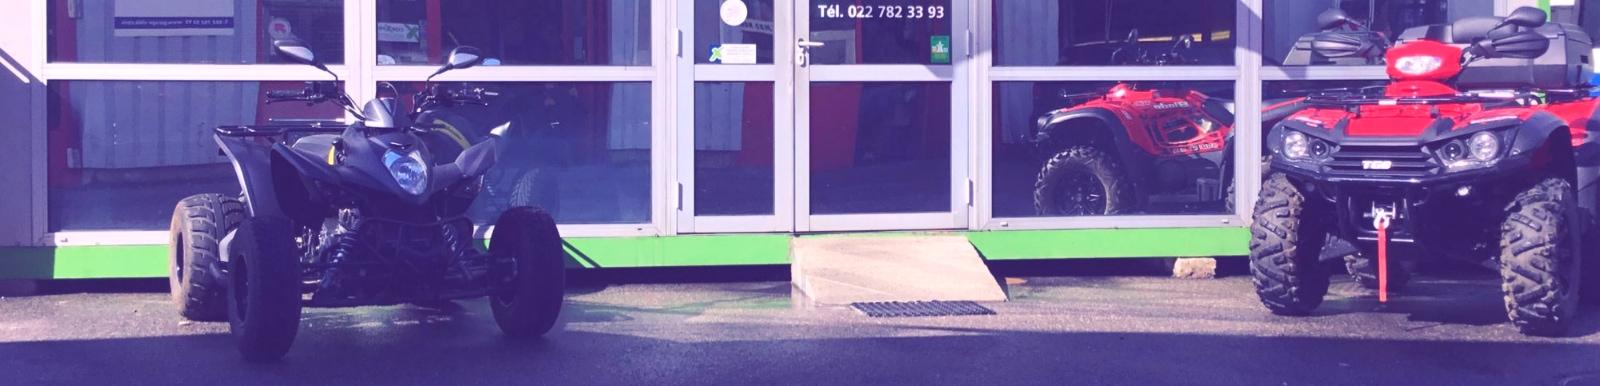 Vente, réparation et entretien de QUAD Genève